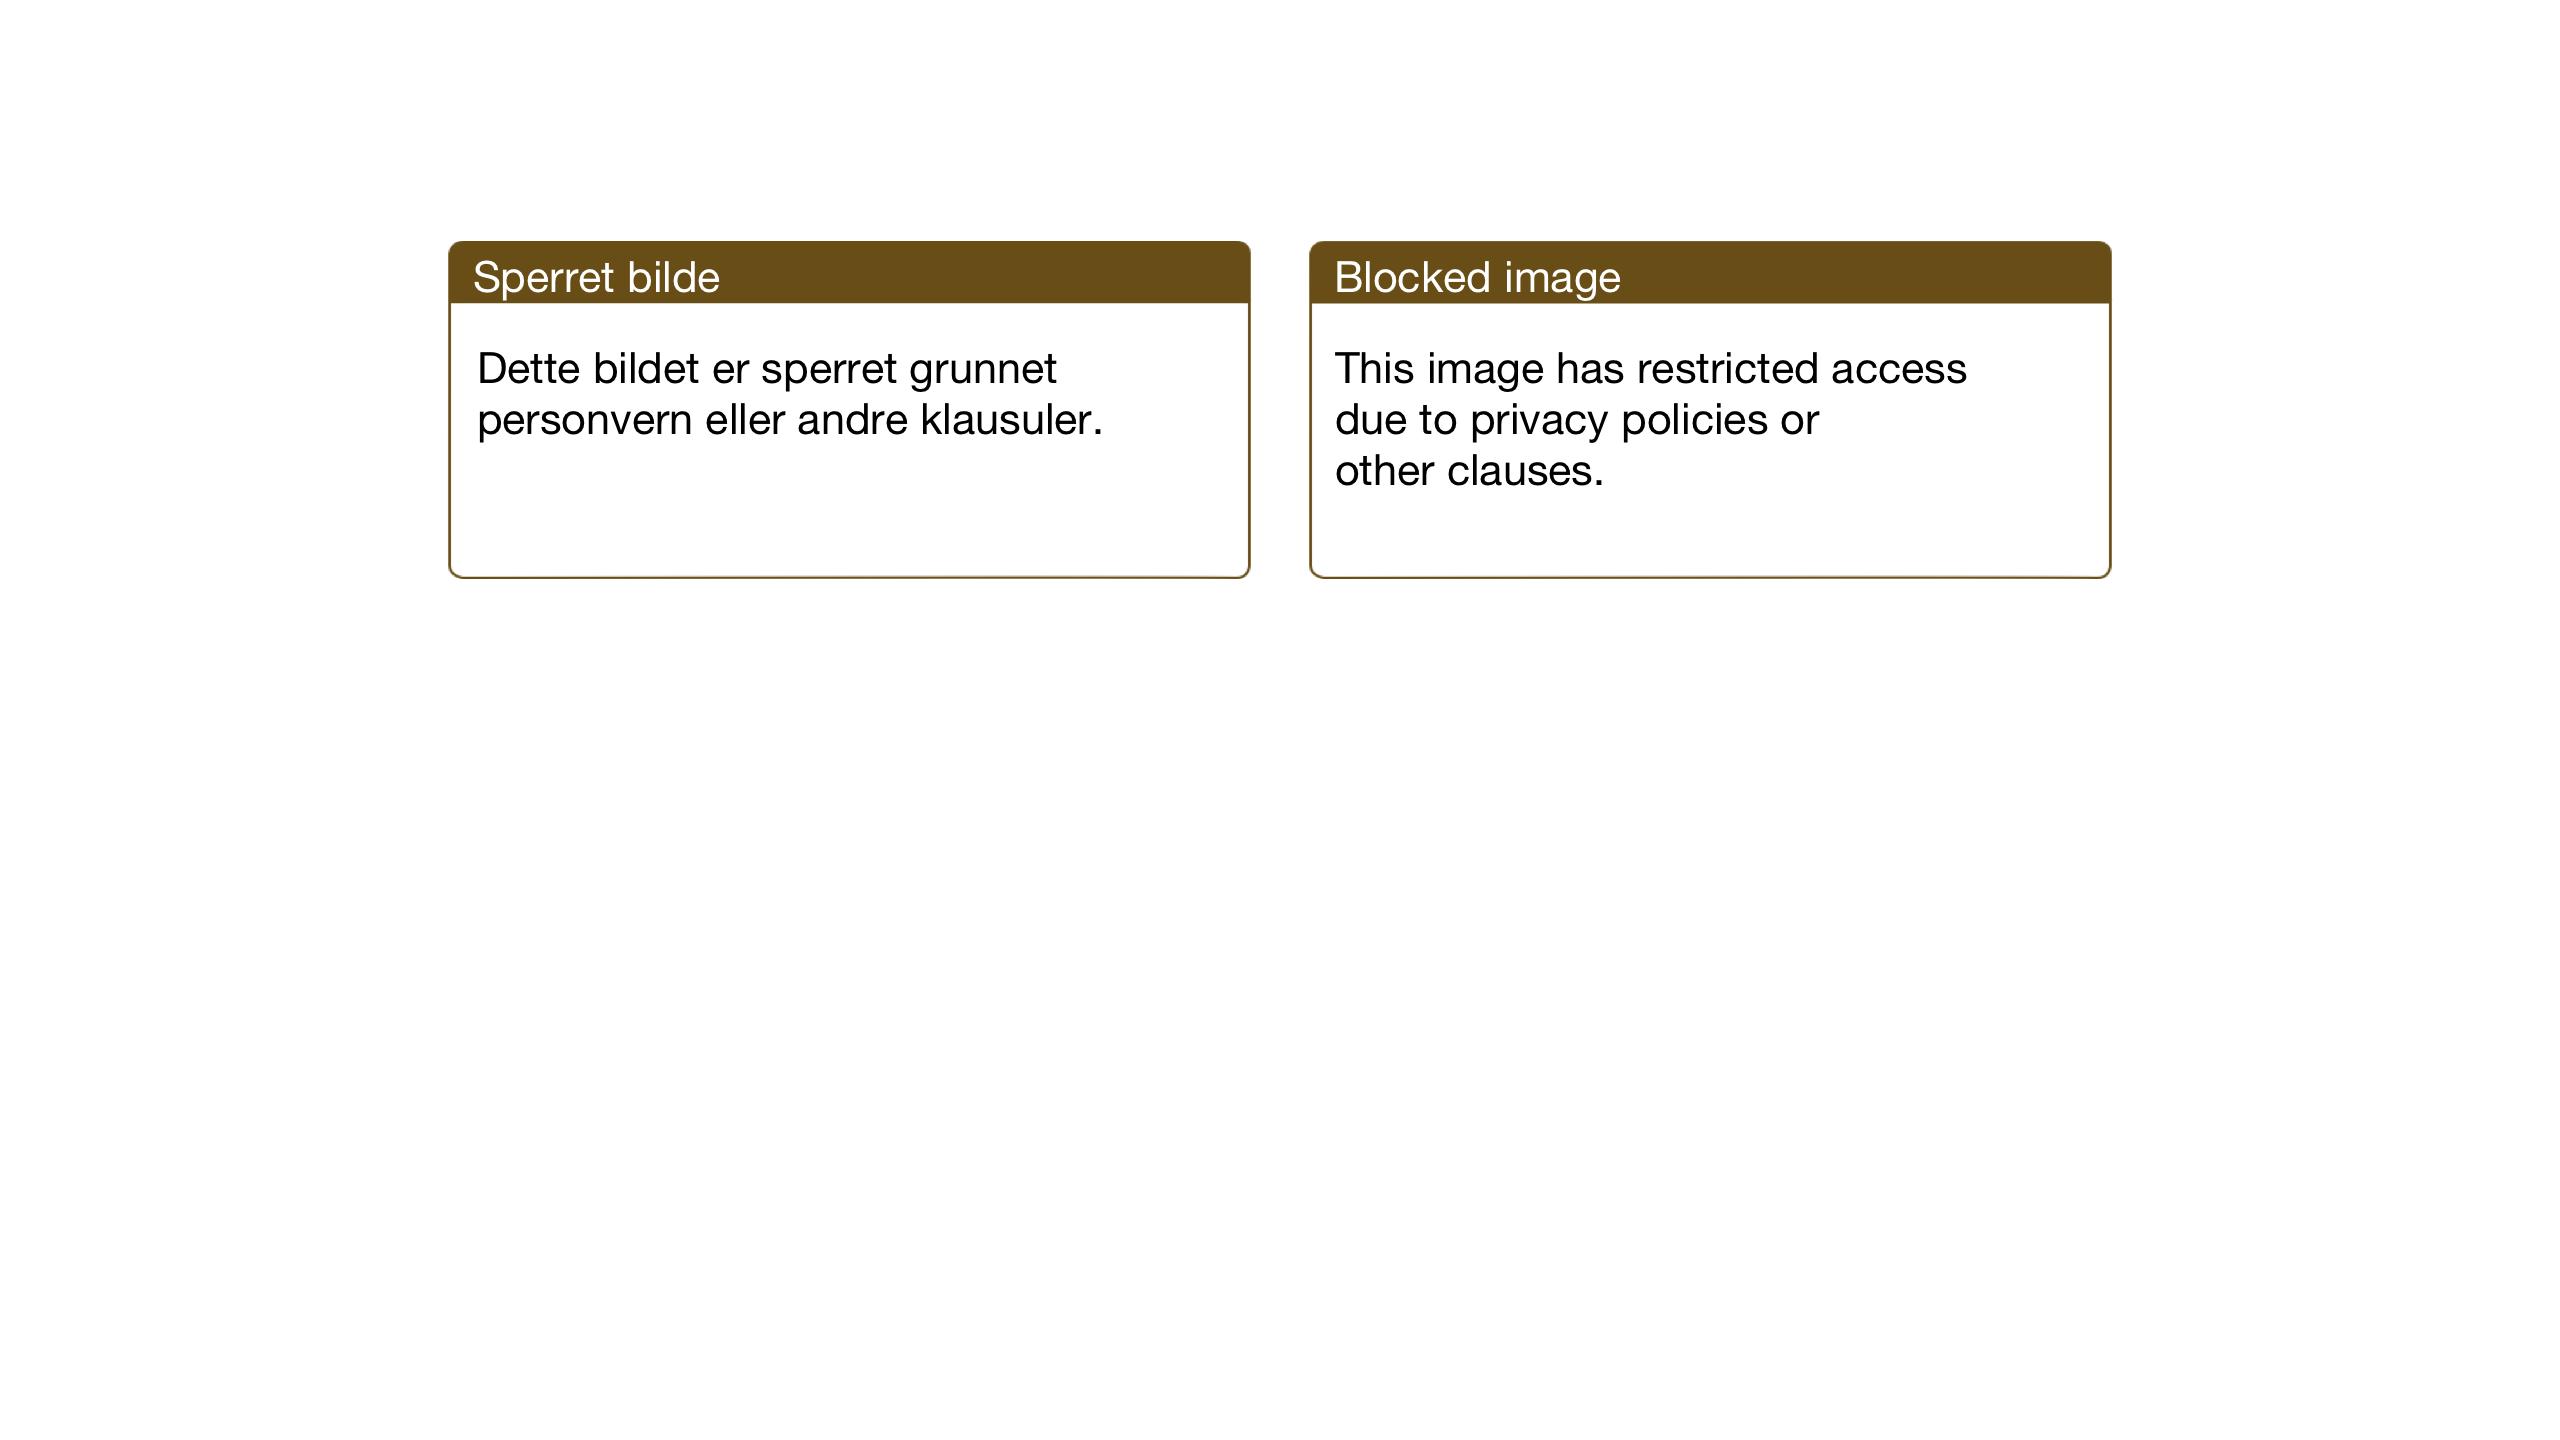 SAT, Ministerialprotokoller, klokkerbøker og fødselsregistre - Sør-Trøndelag, 669/L0832: Klokkerbok nr. 669C02, 1925-1953, s. 20